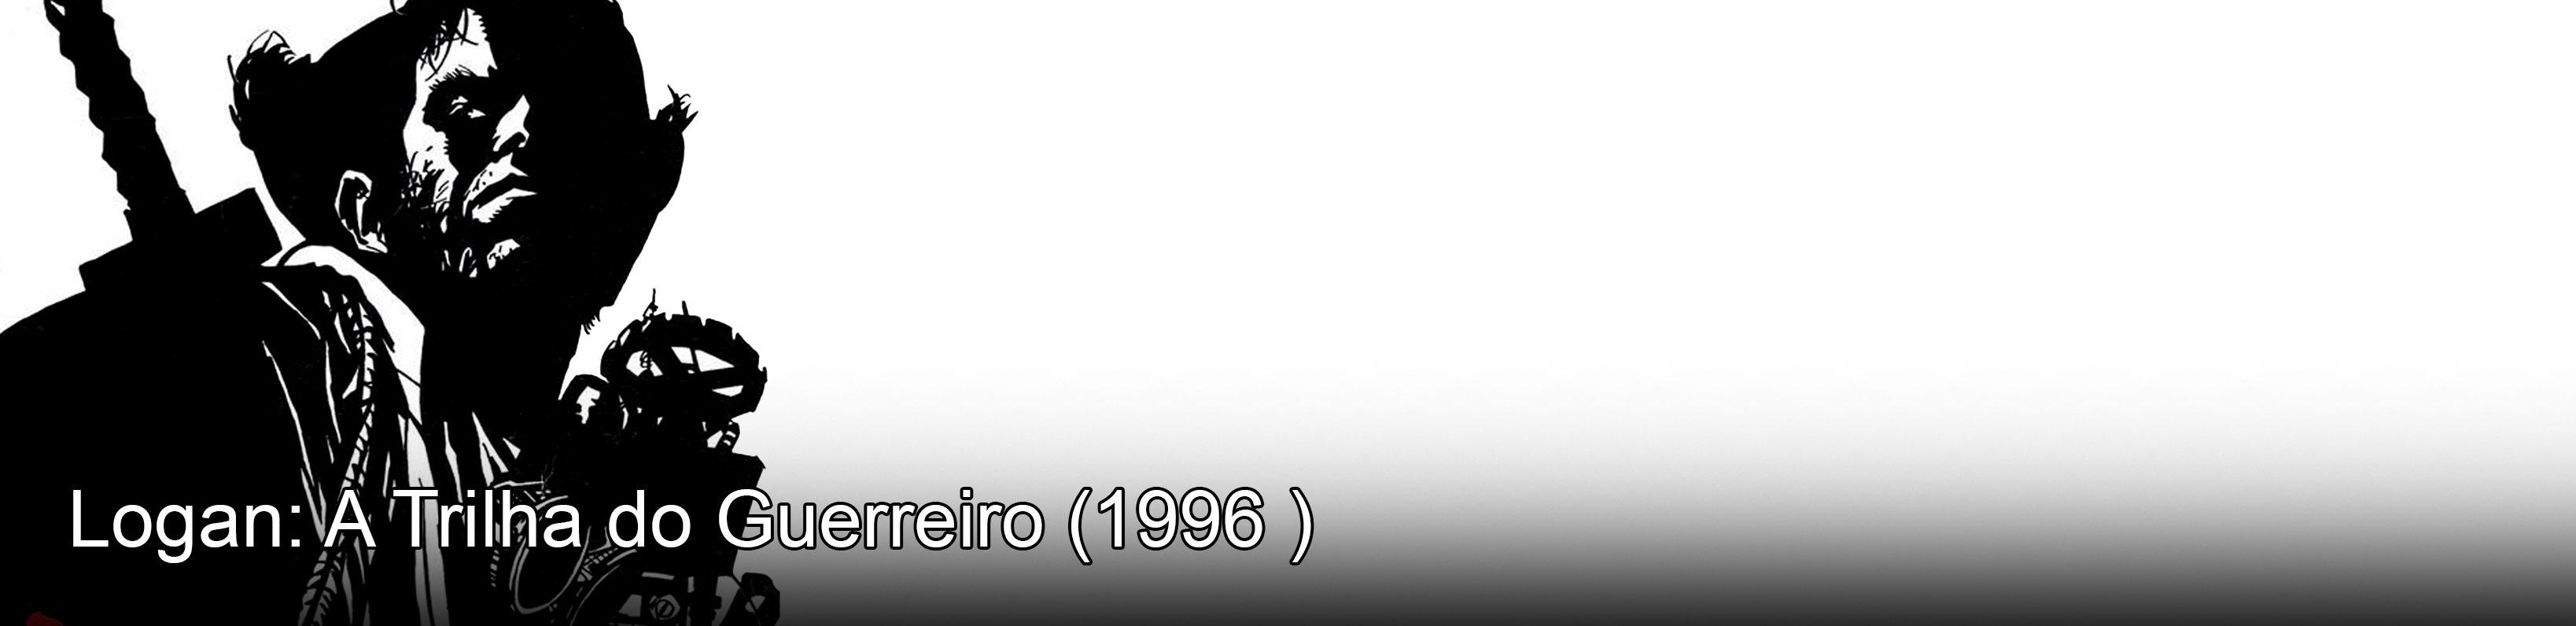 Howard Mackie - John Paul Leon